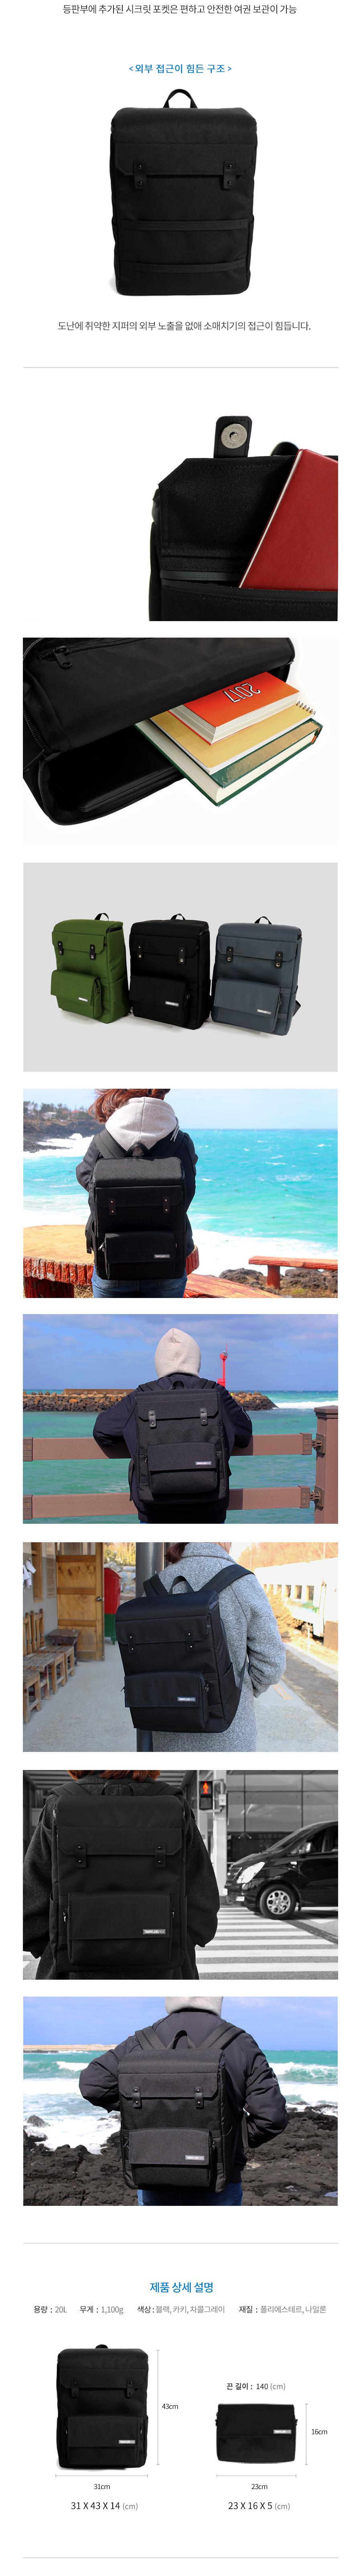 여행용백팩 | 백팩 | 여행백팩 | 여행가방 | 트래블러스 하이